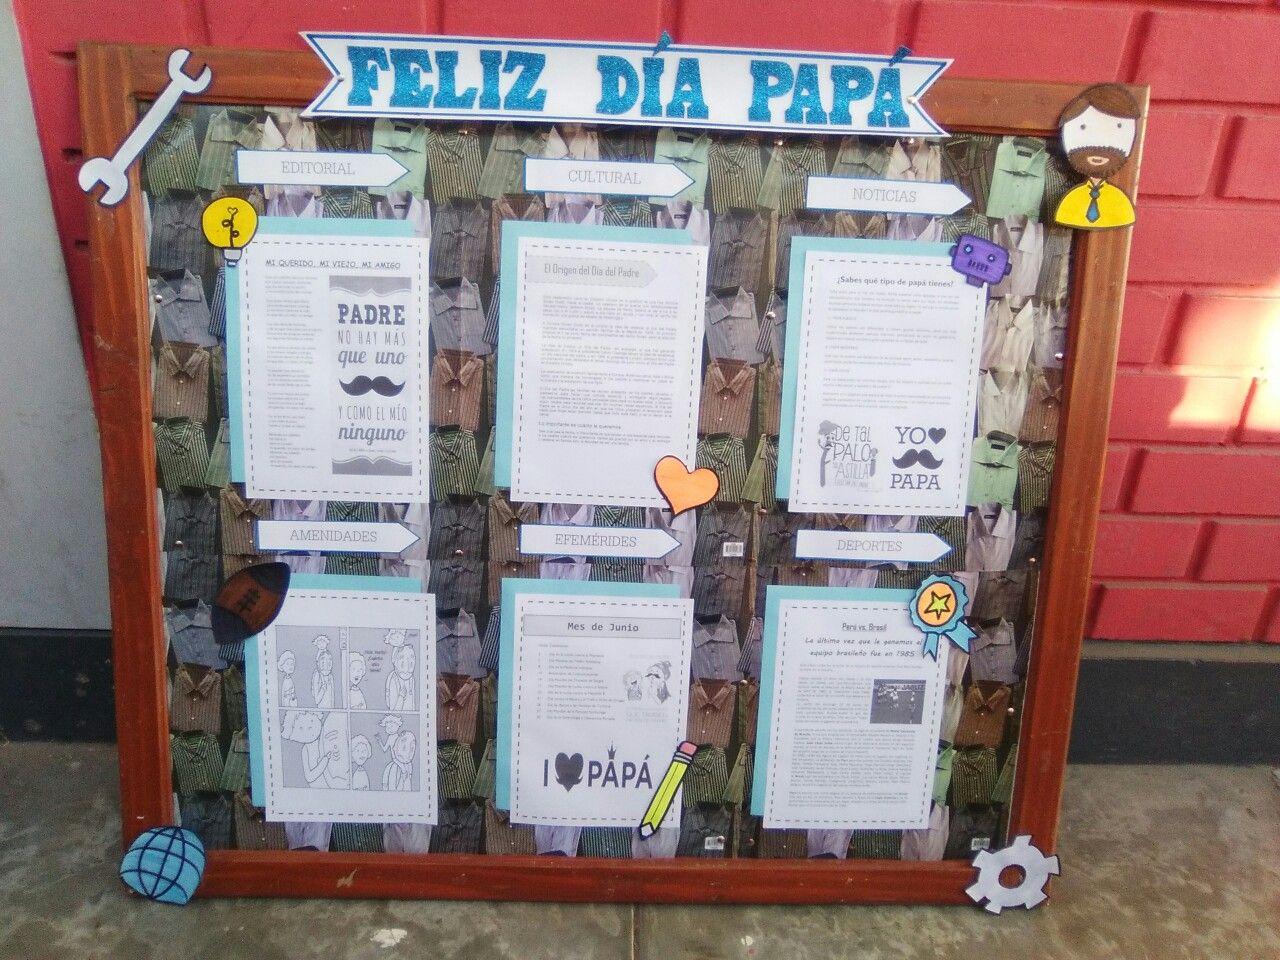 Periodico mural para el dia del padre con los contenidos for Amenidades para periodico mural